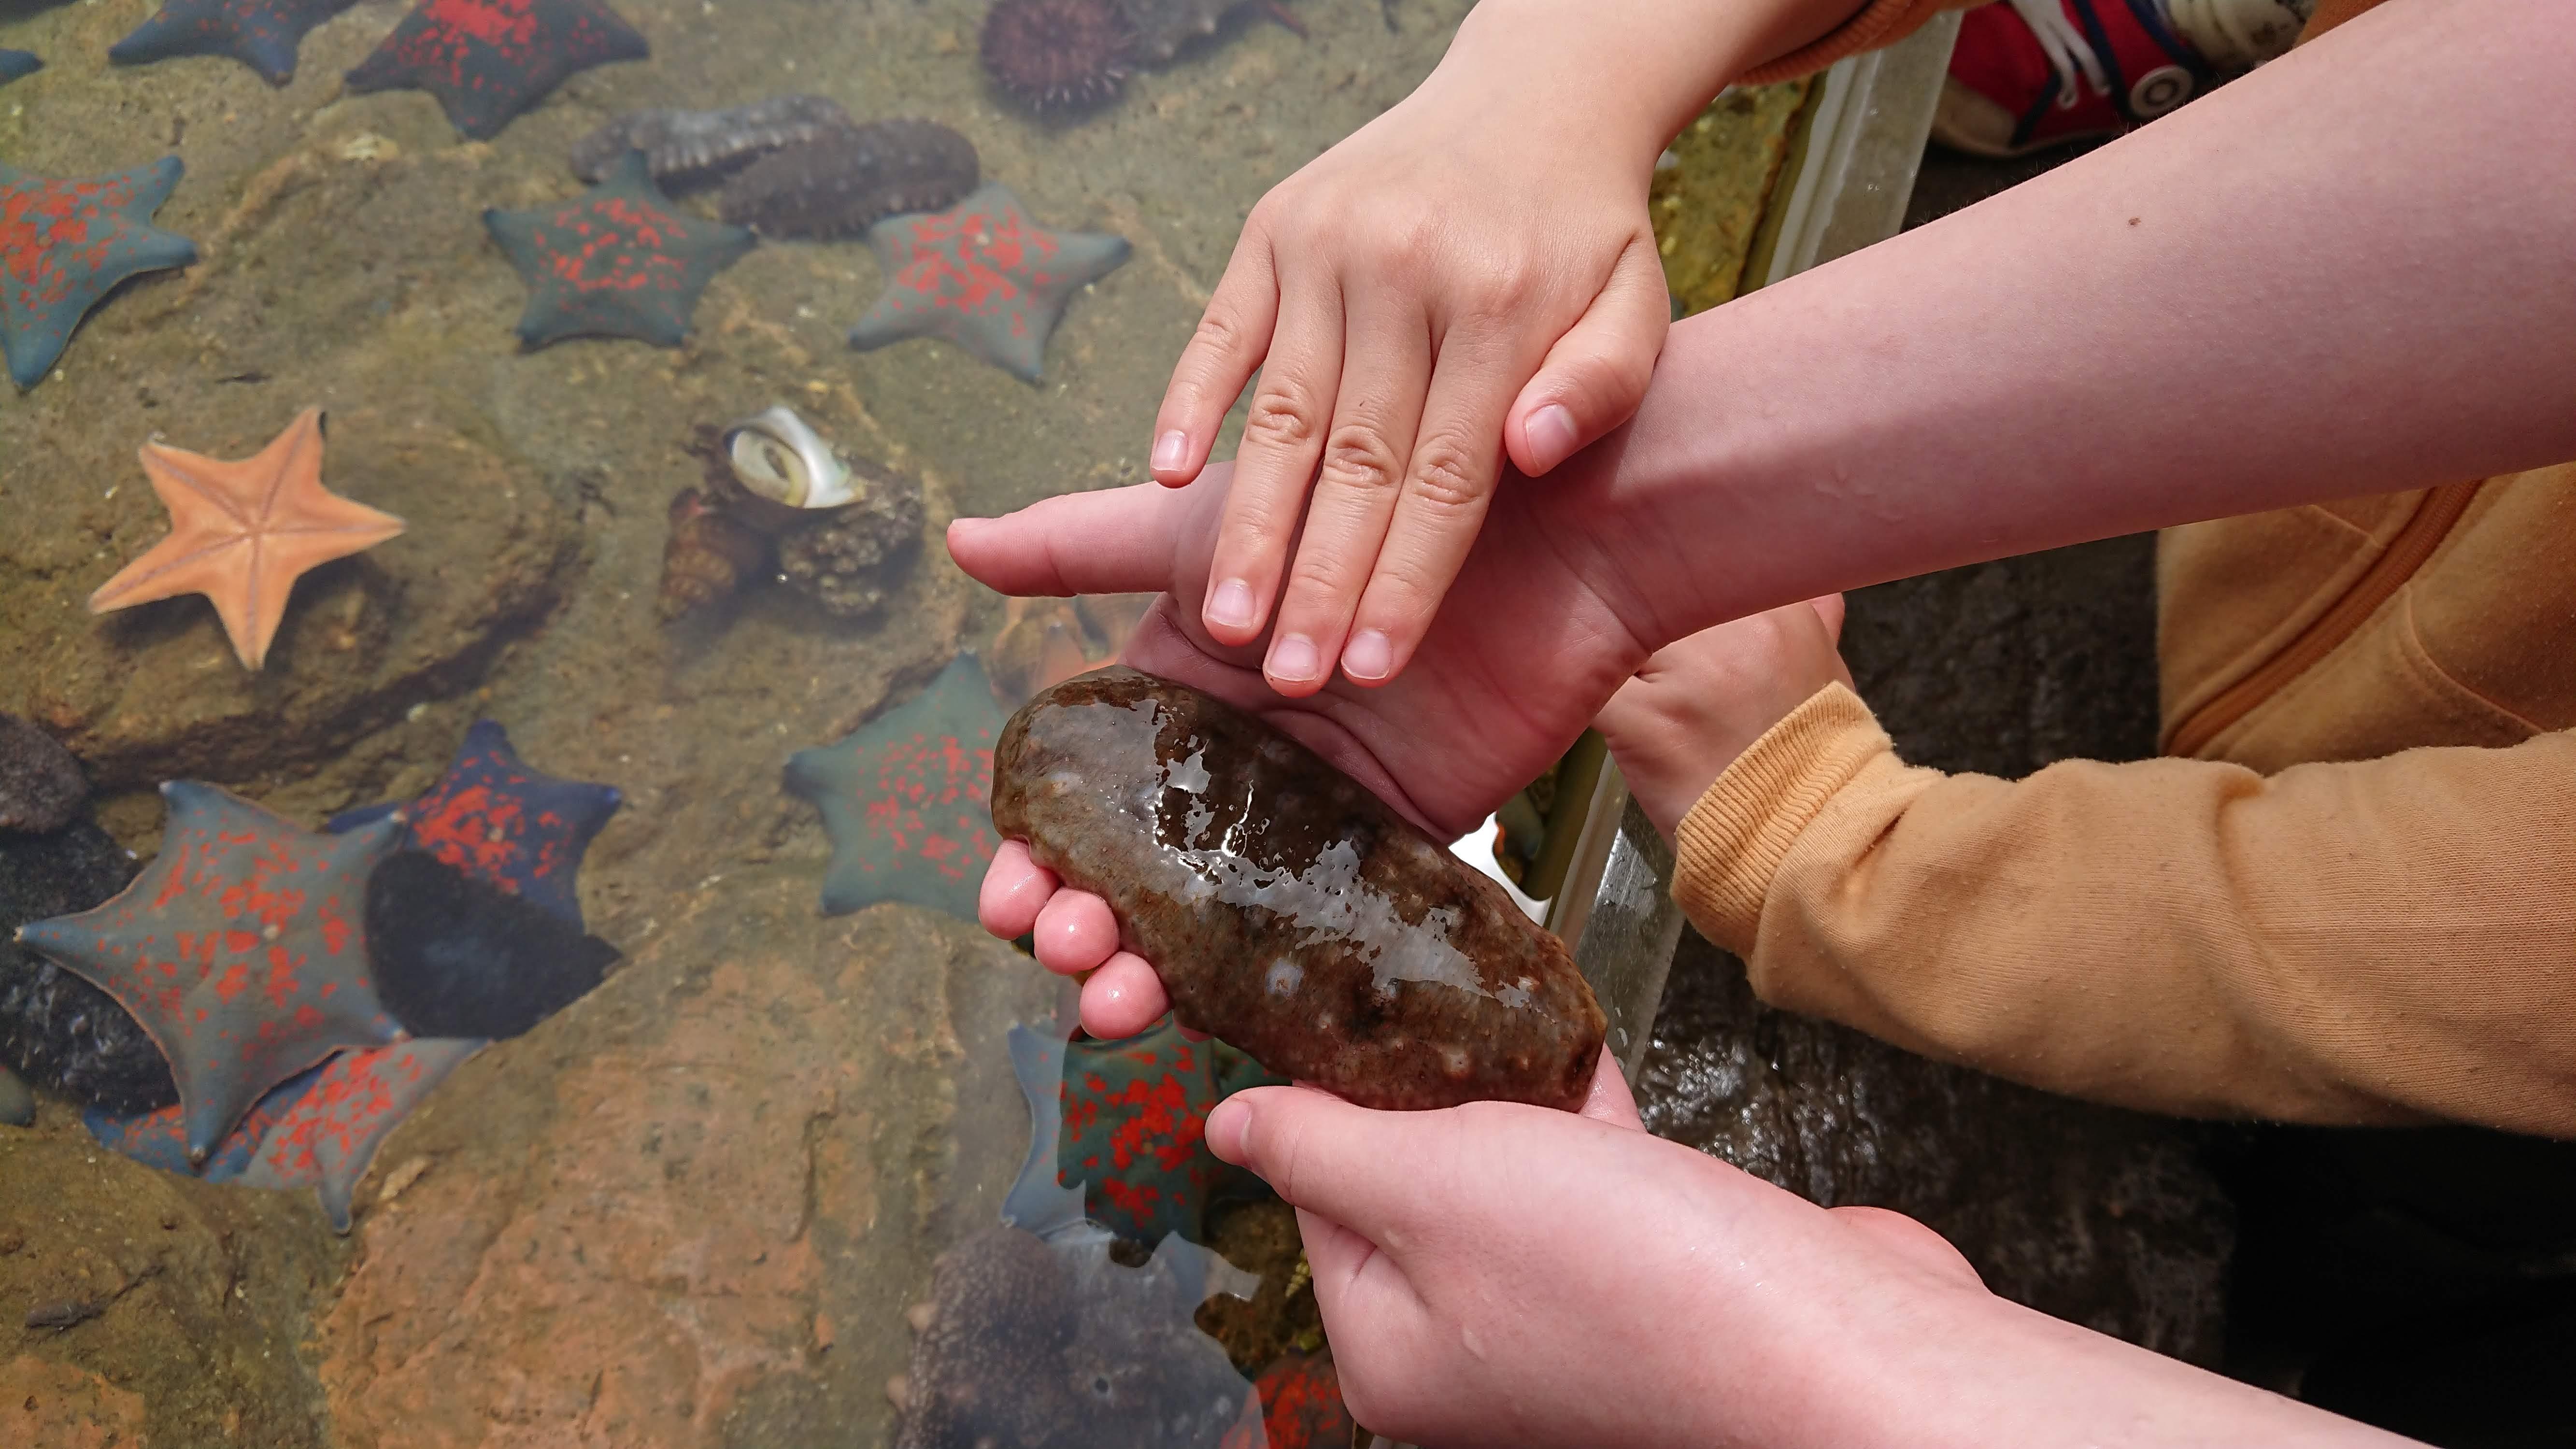 「魚っ知館」のタッチングプールでなまこを触っている